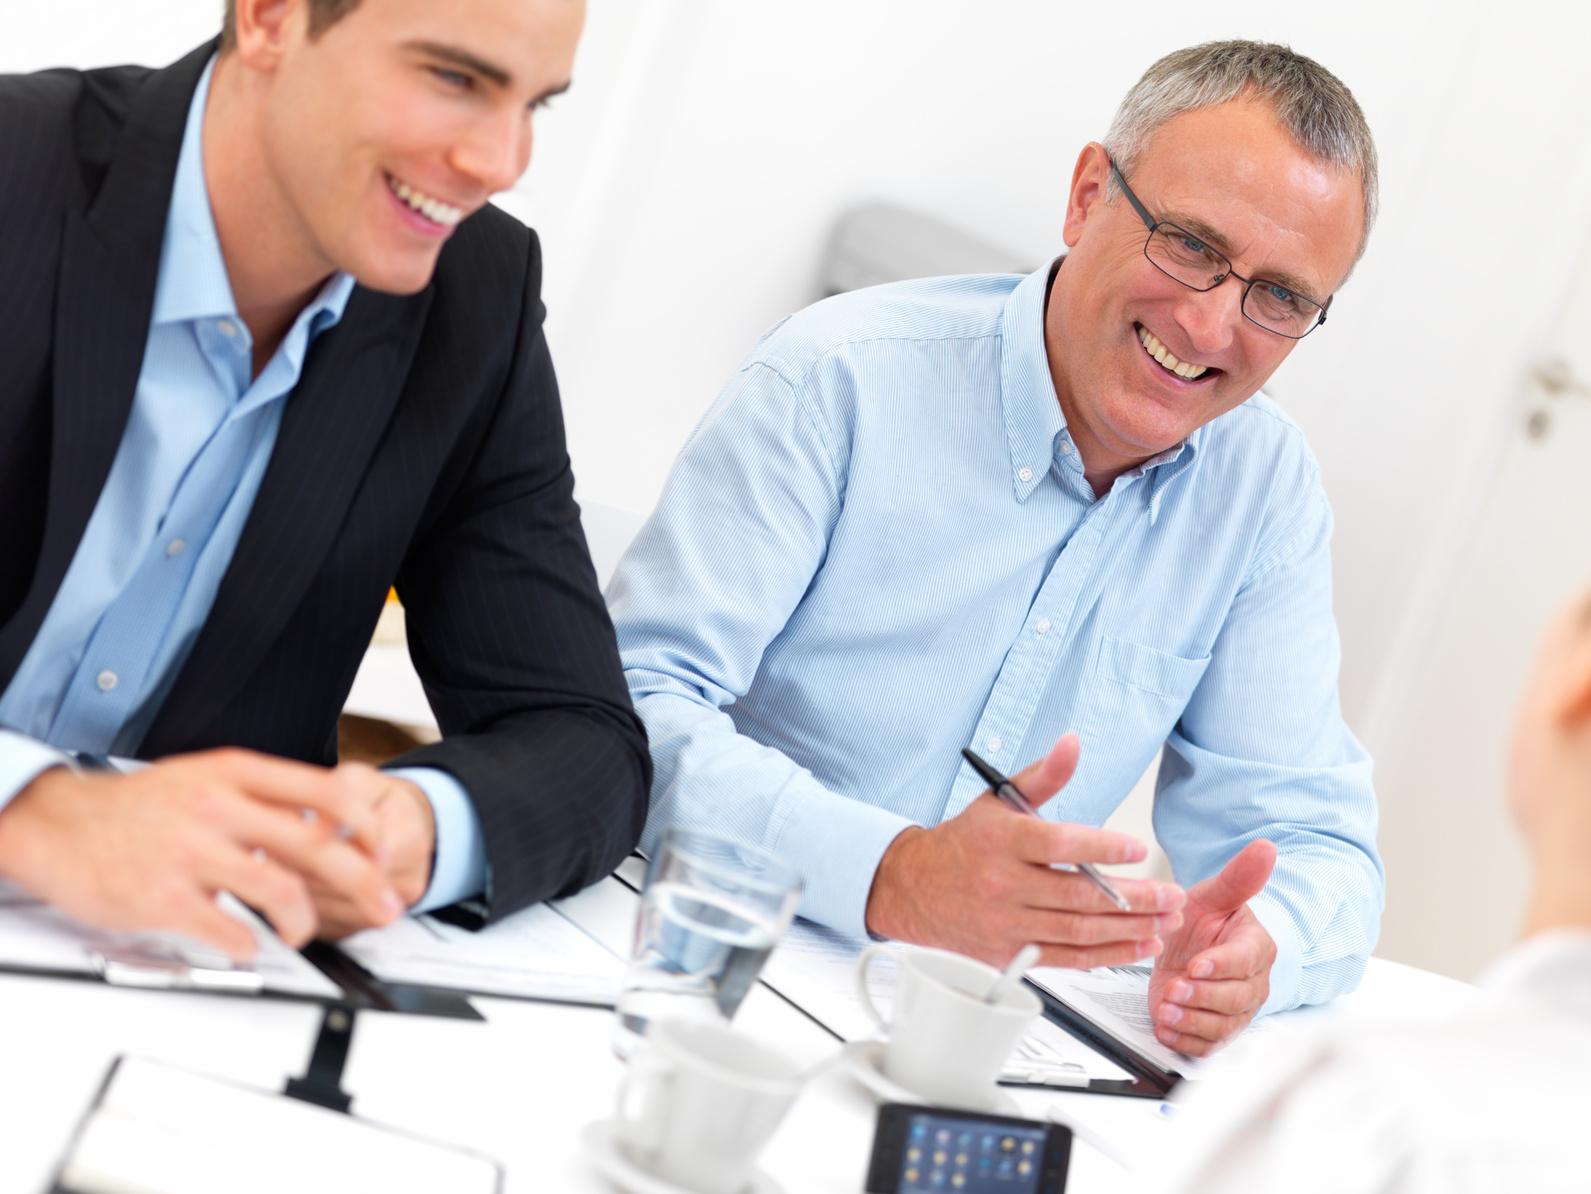 Comment mettre  en œuvre la bienveillance au travail ? - Facilities, site du Facility management